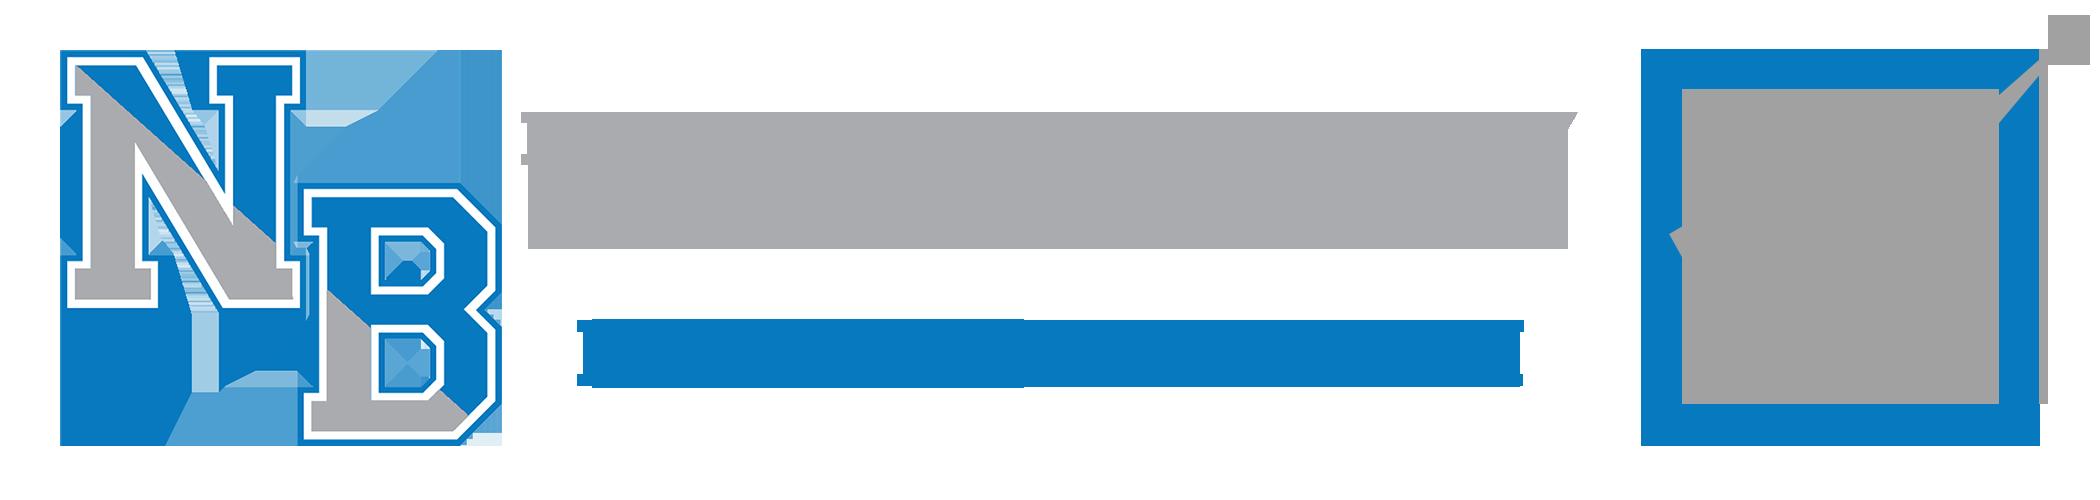 NBCRHS Referendum